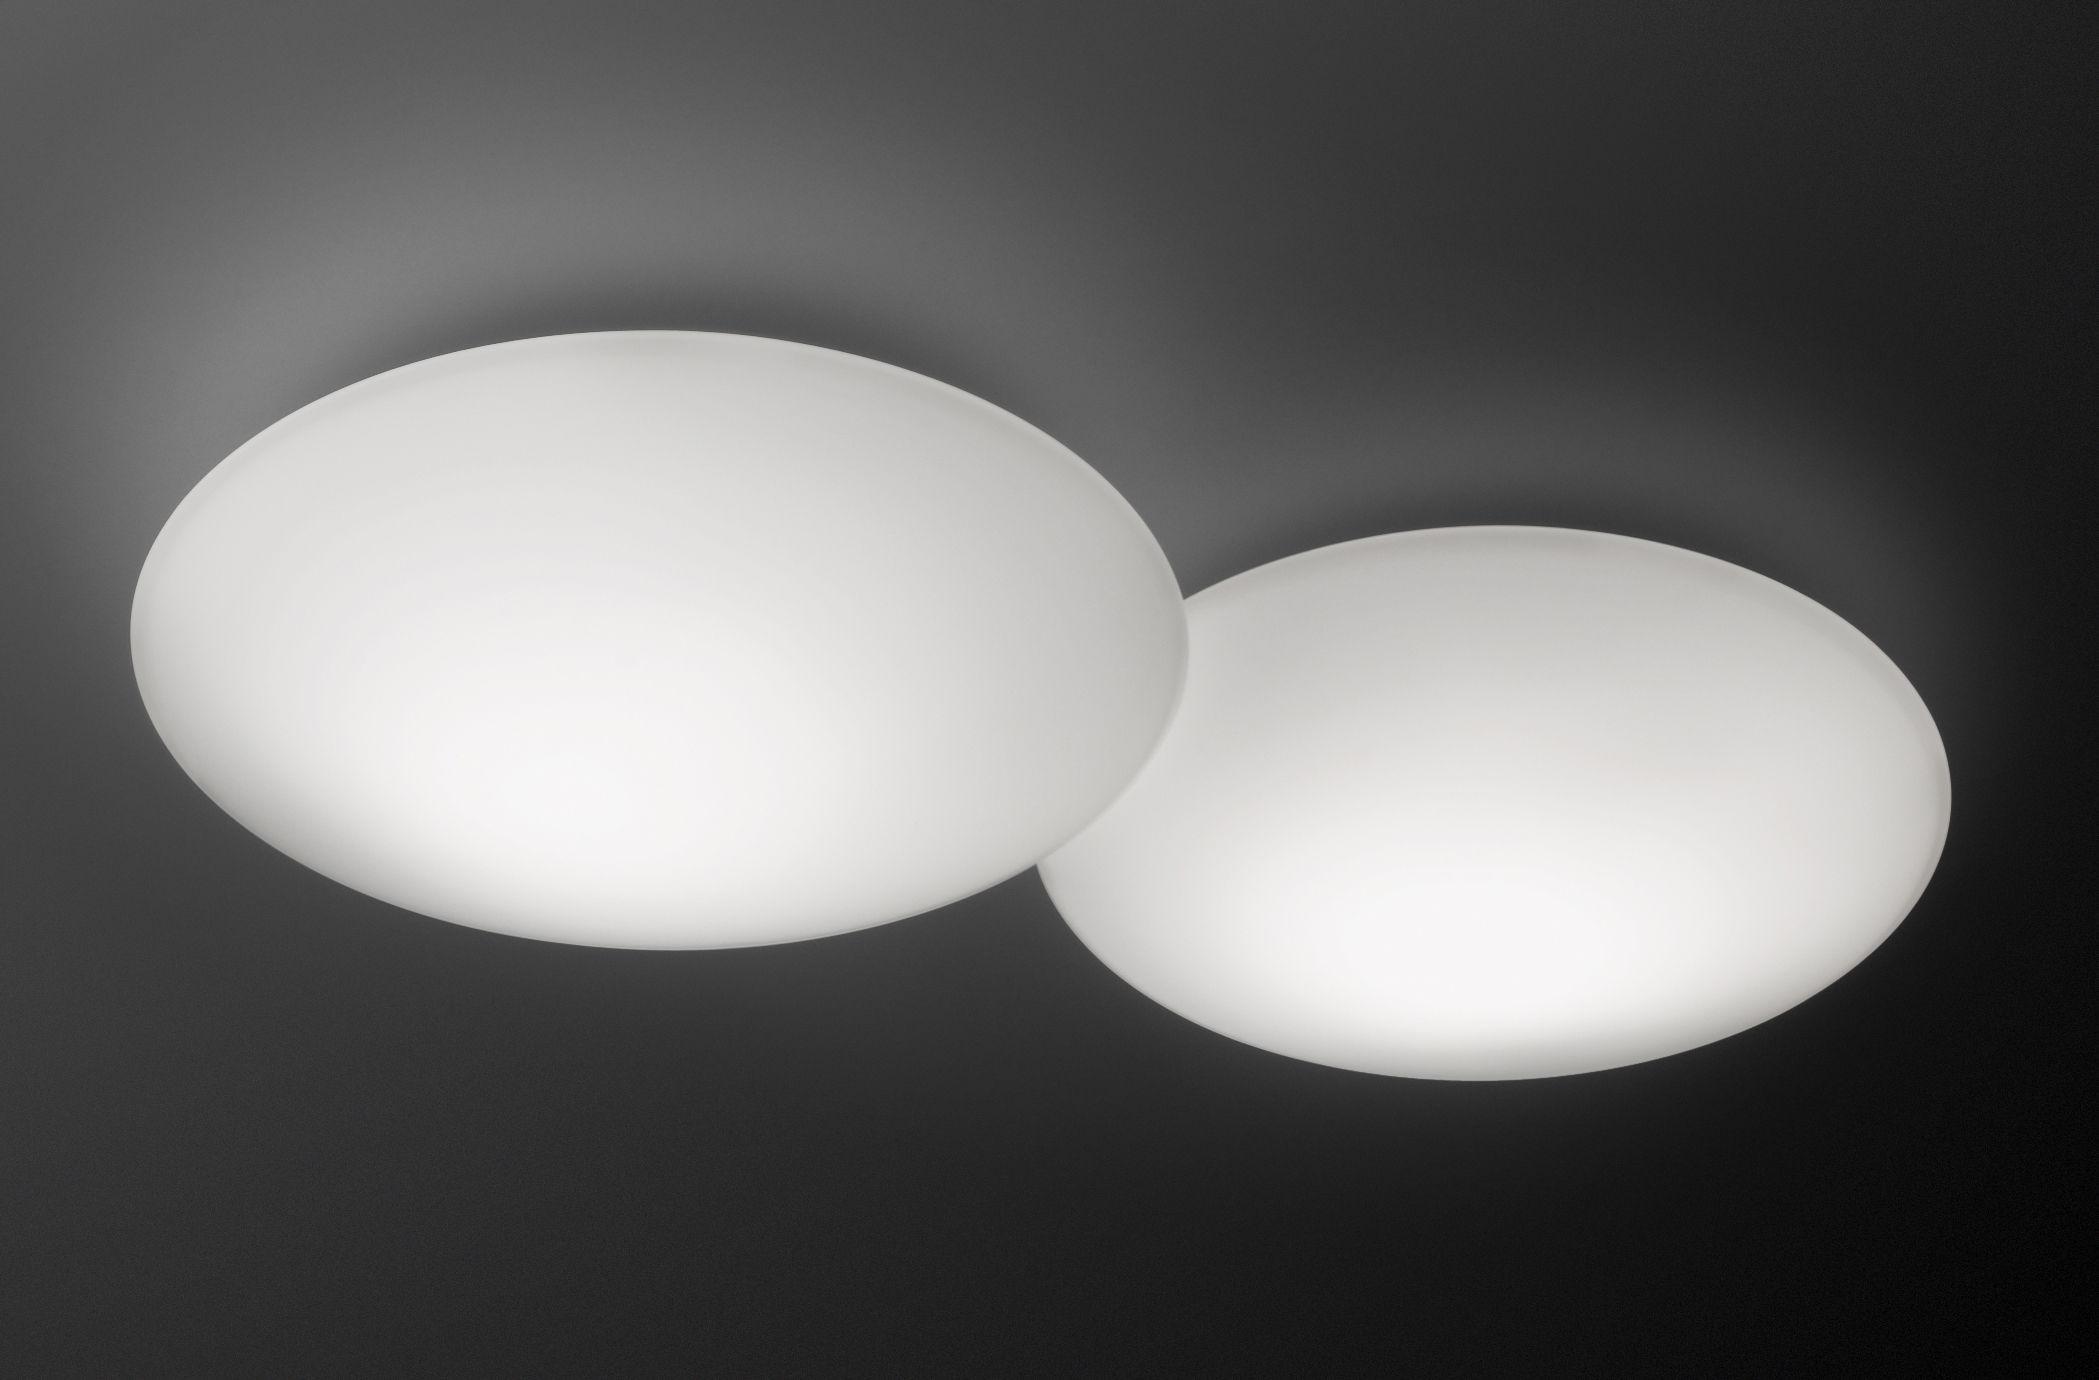 Luminaire - Plafonniers - Plafonnier Puck Double - Vibia - Blanc - Verre soufflé